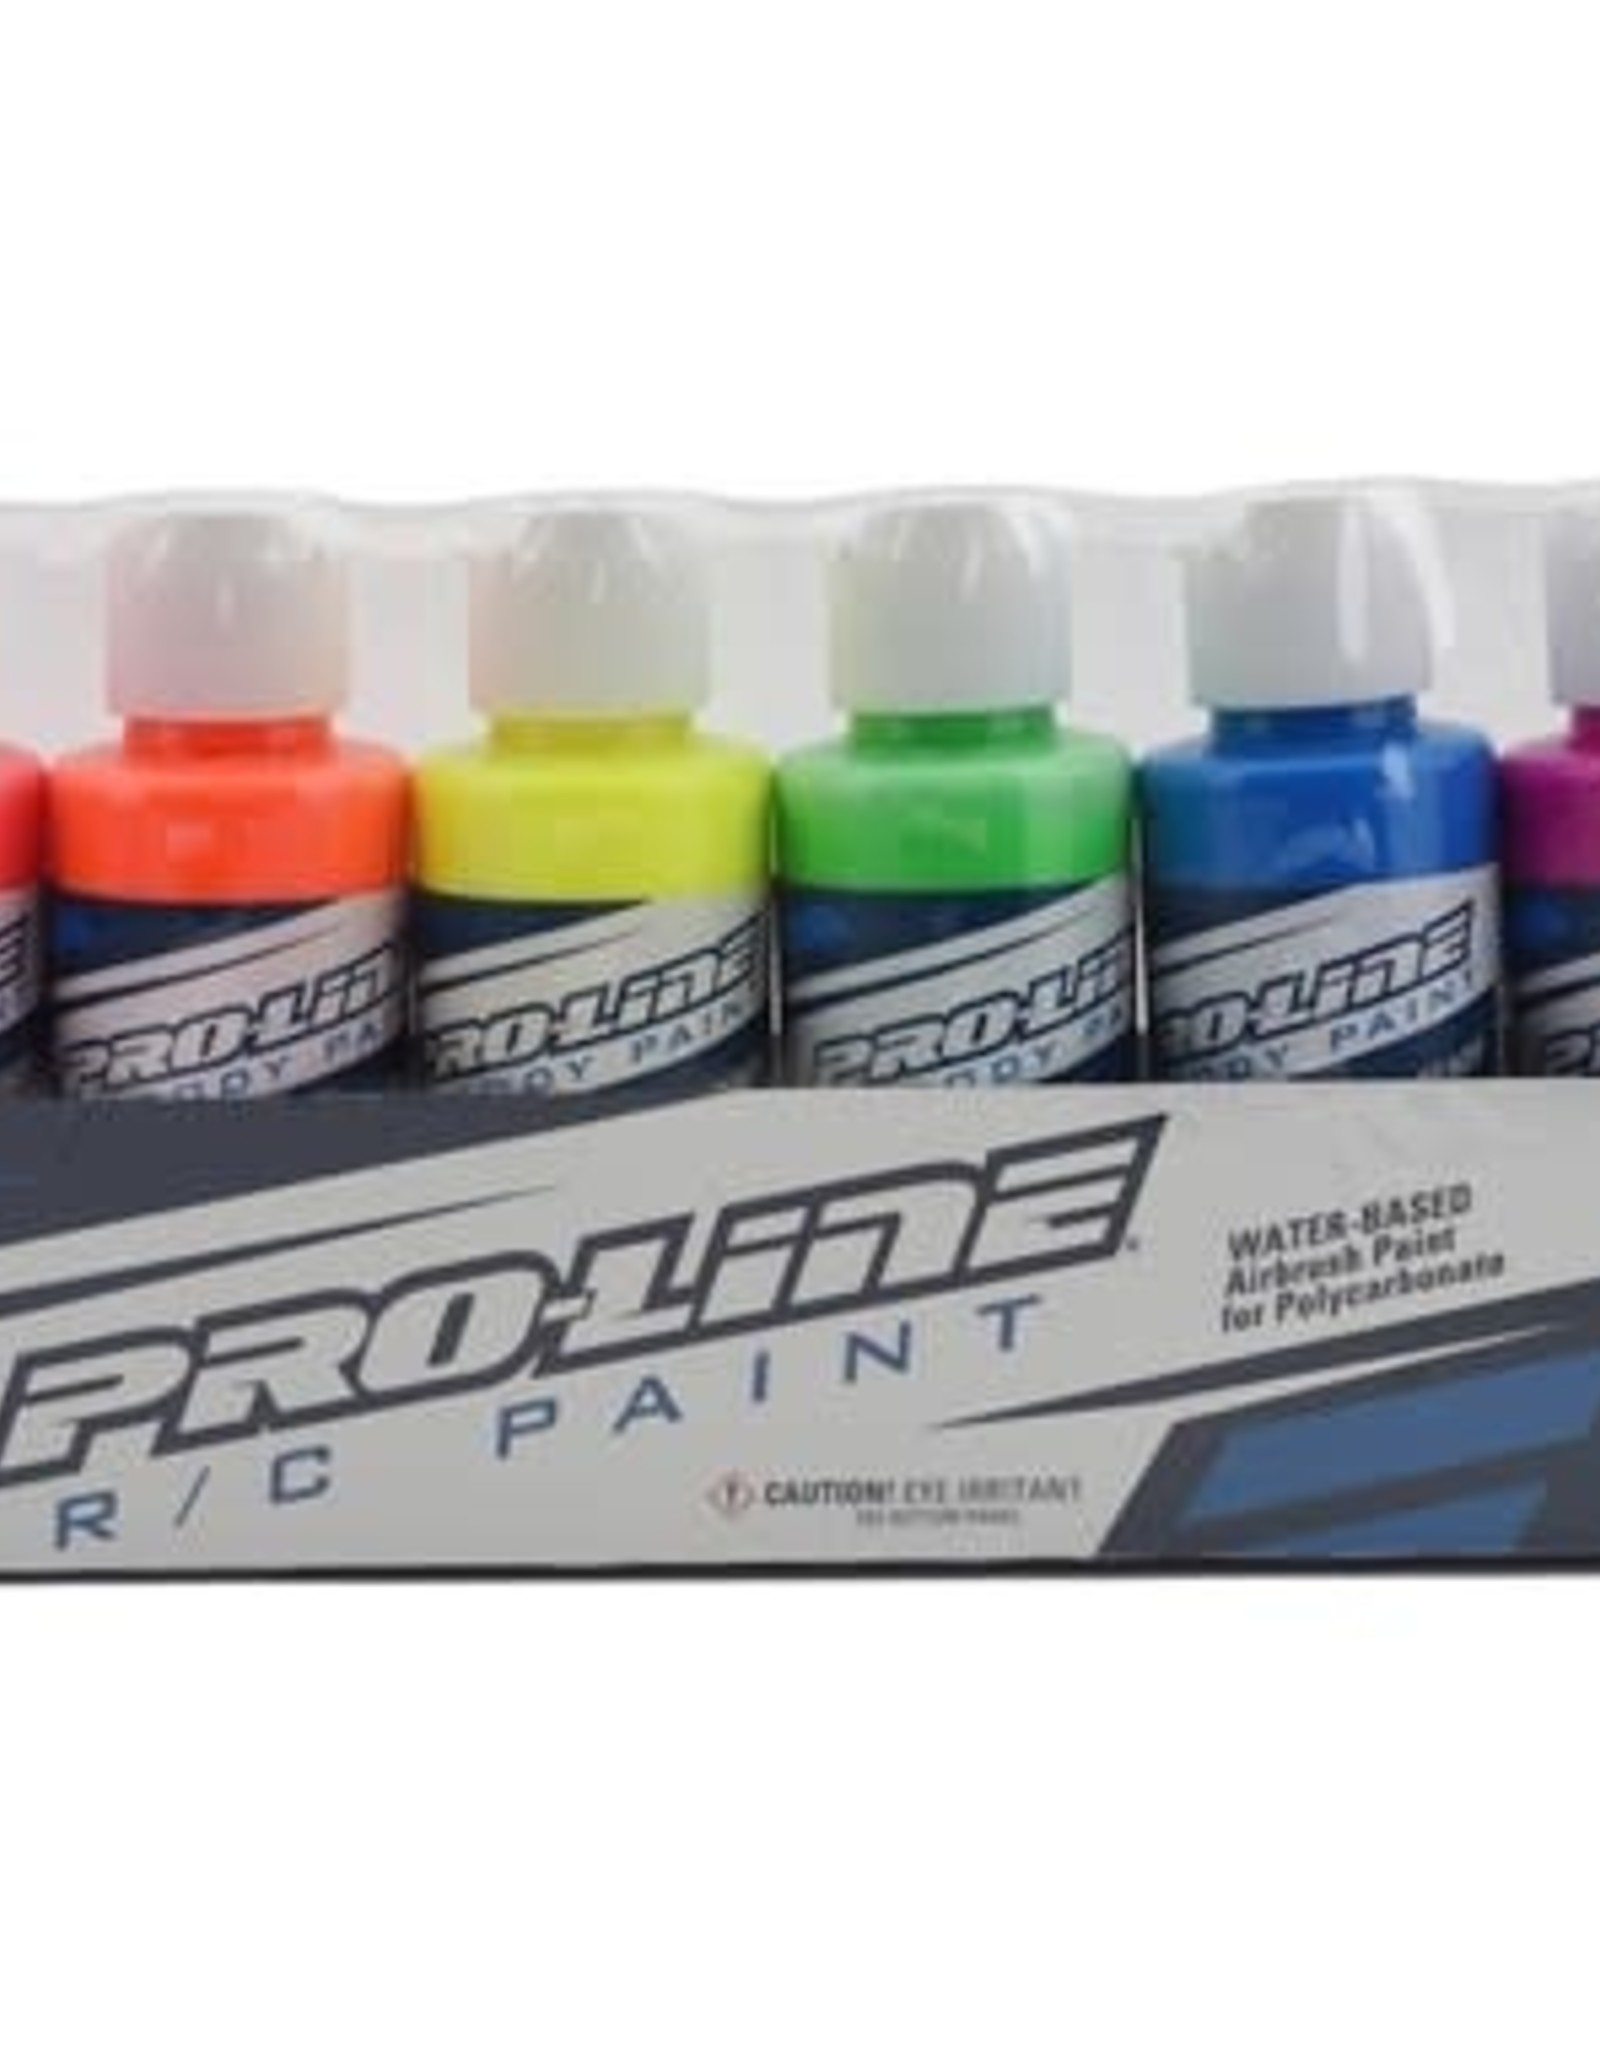 Pro-Line Pro-Line RC Body Airbrush Paint Fluorescent Color Set (6)